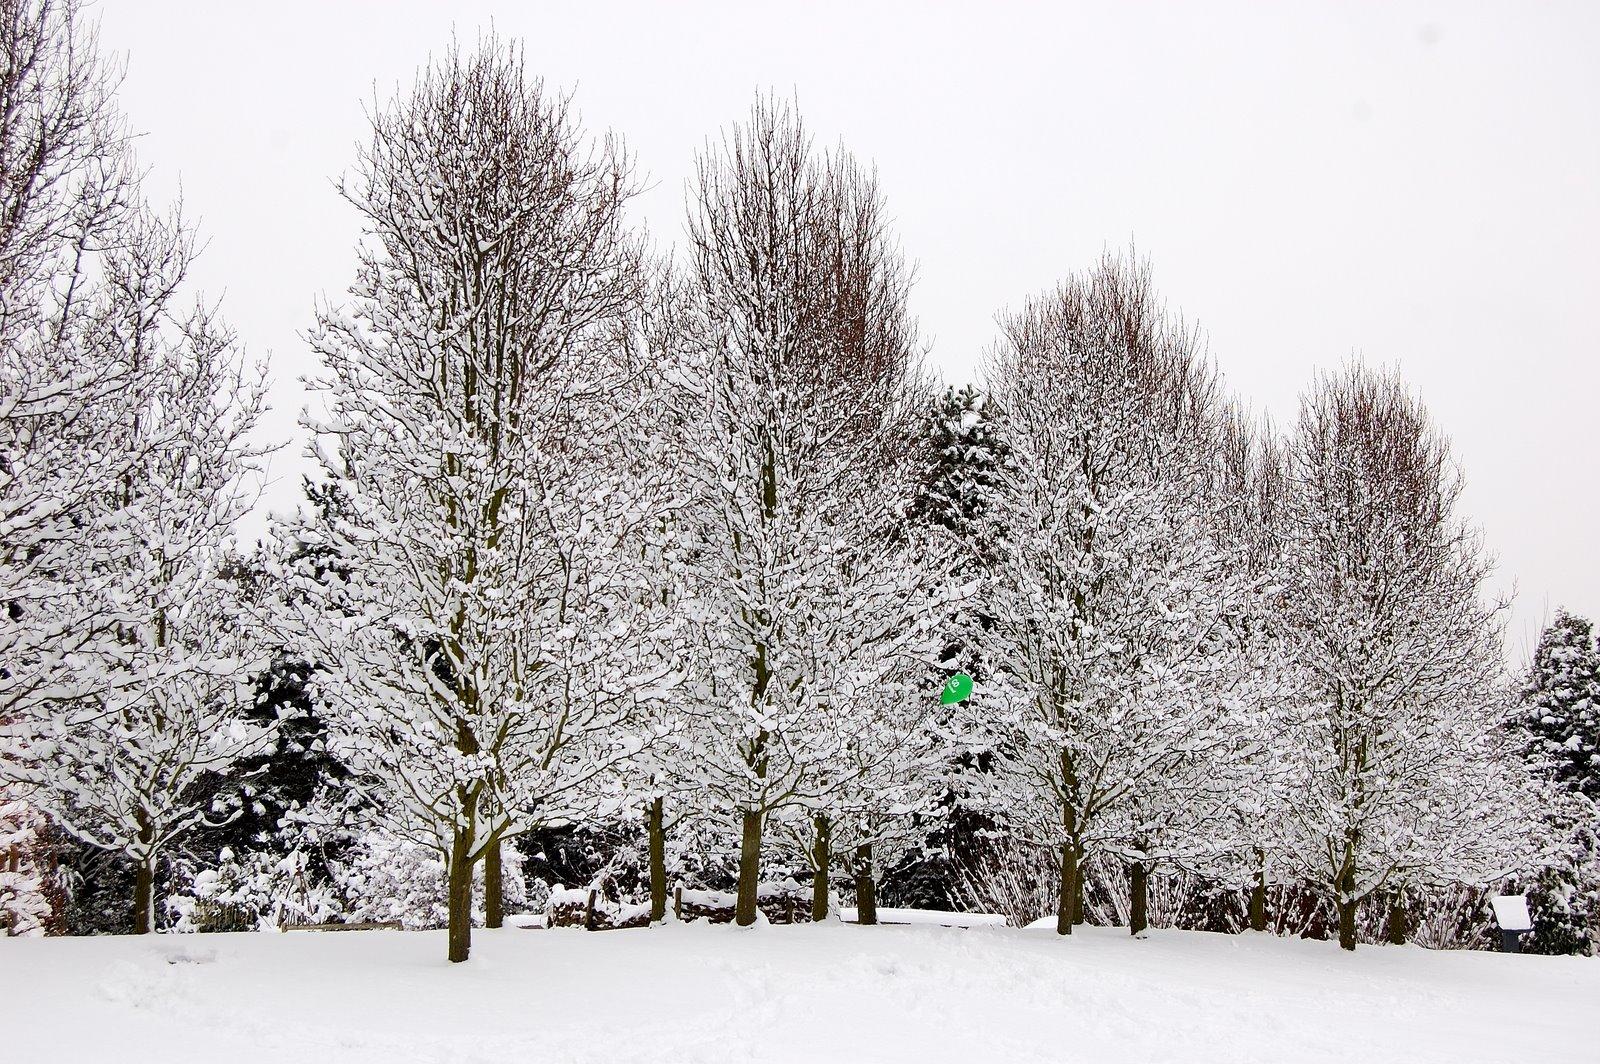 [Kew+in+the+snow+Jan+092009-02-02_51.JPG]